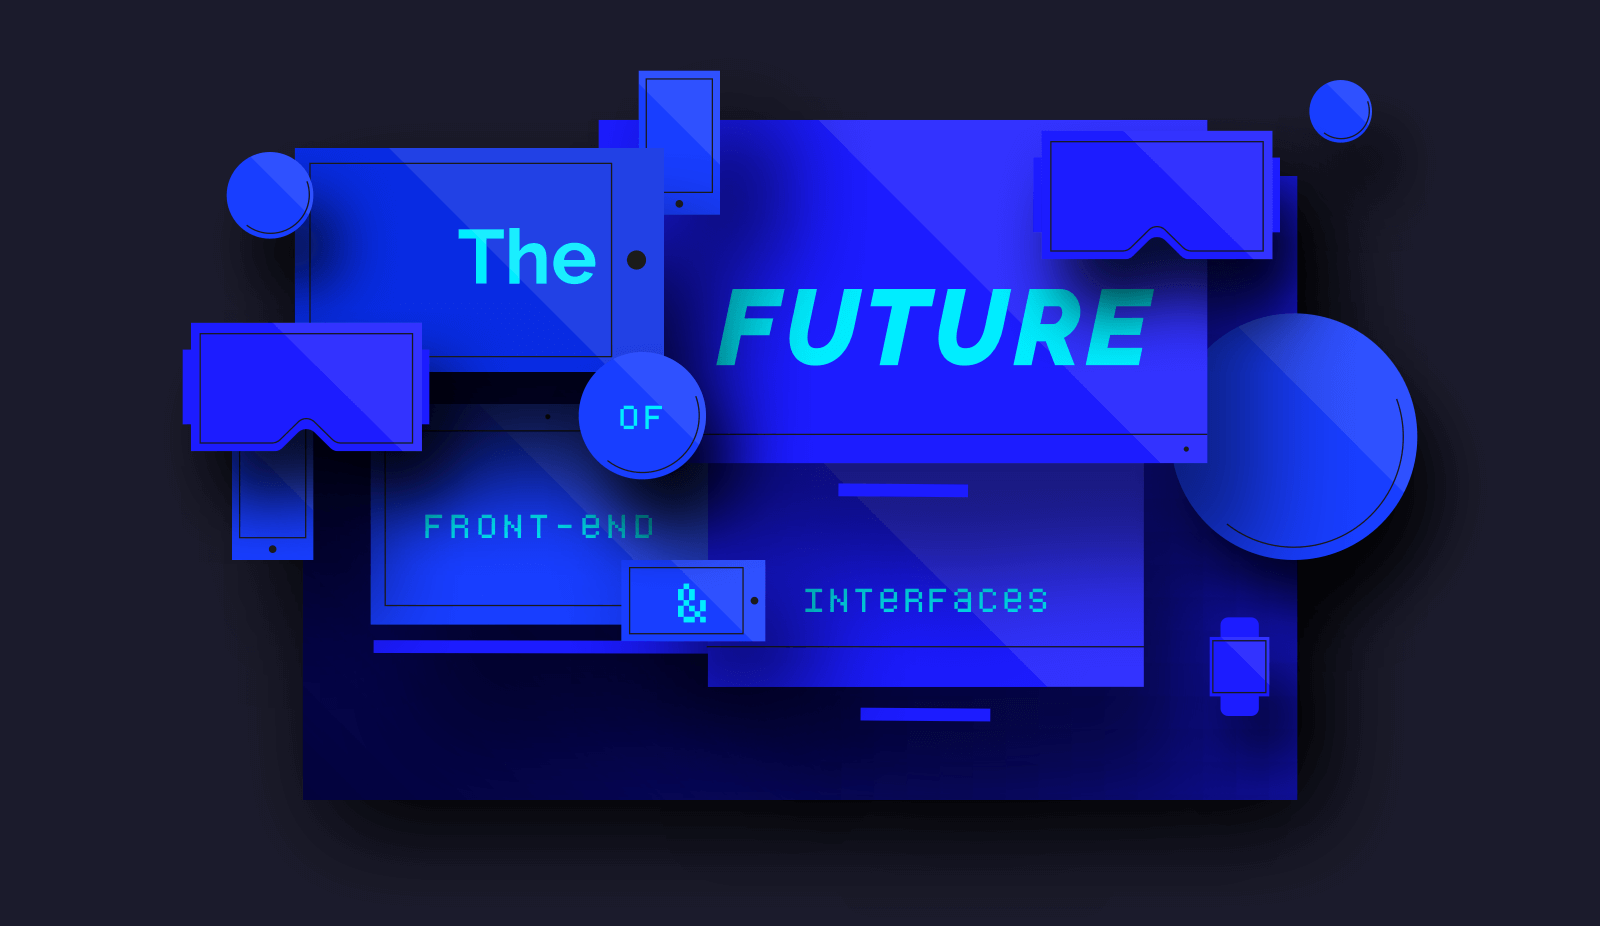 Крупнейшие мероприятия 2018 года: дизайн и фронтенд